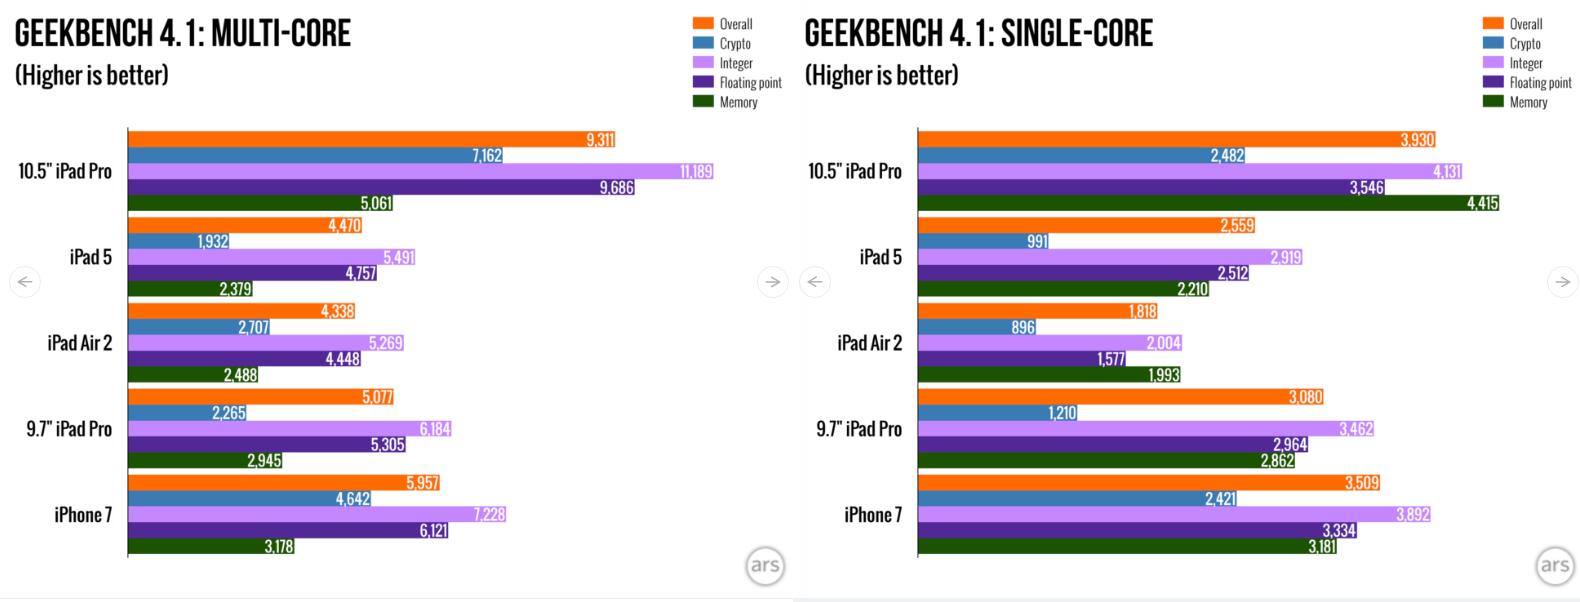 iPad Pro 105 GeekBench